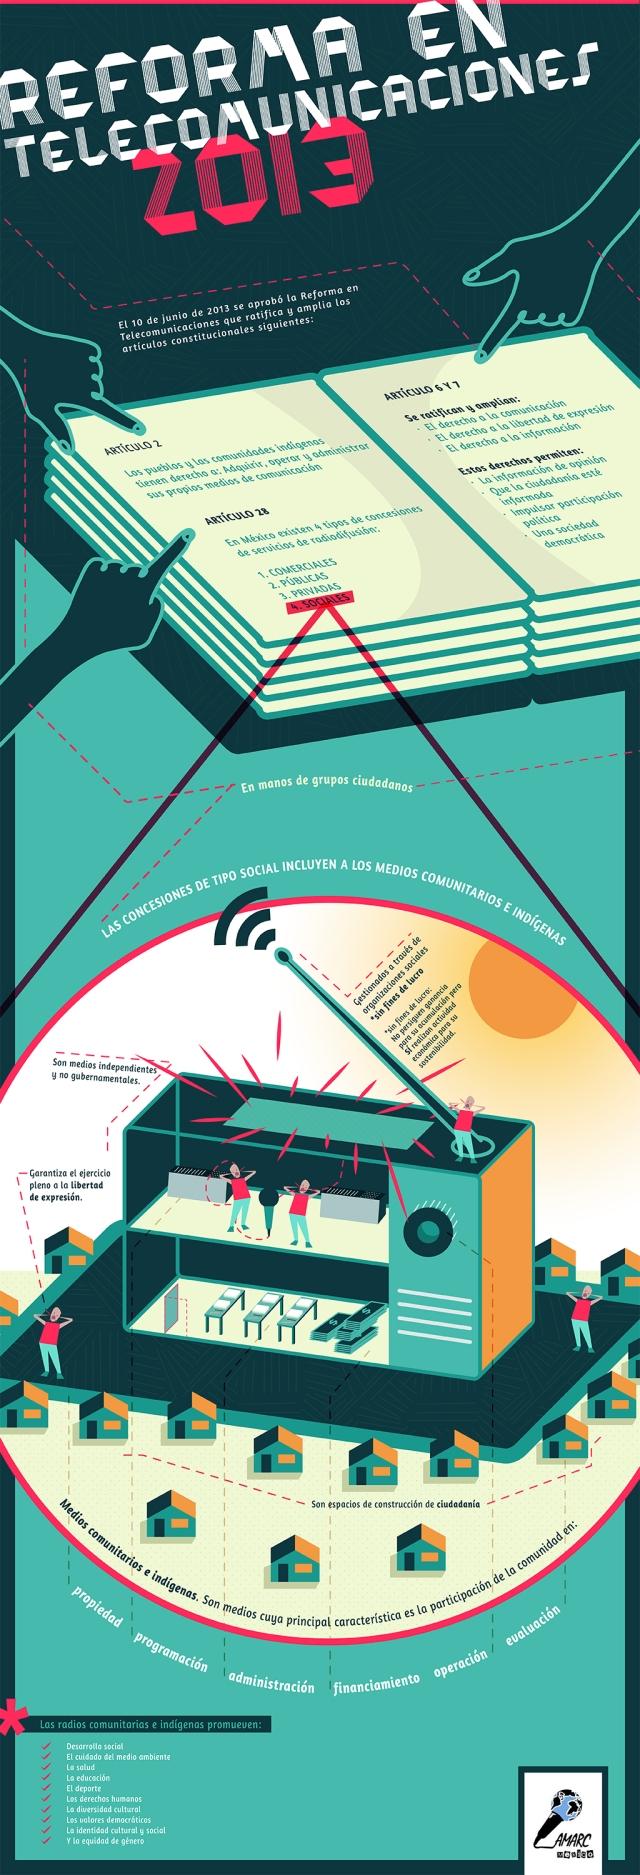 Sobre la Reforma en Telecomunicaciones 2013